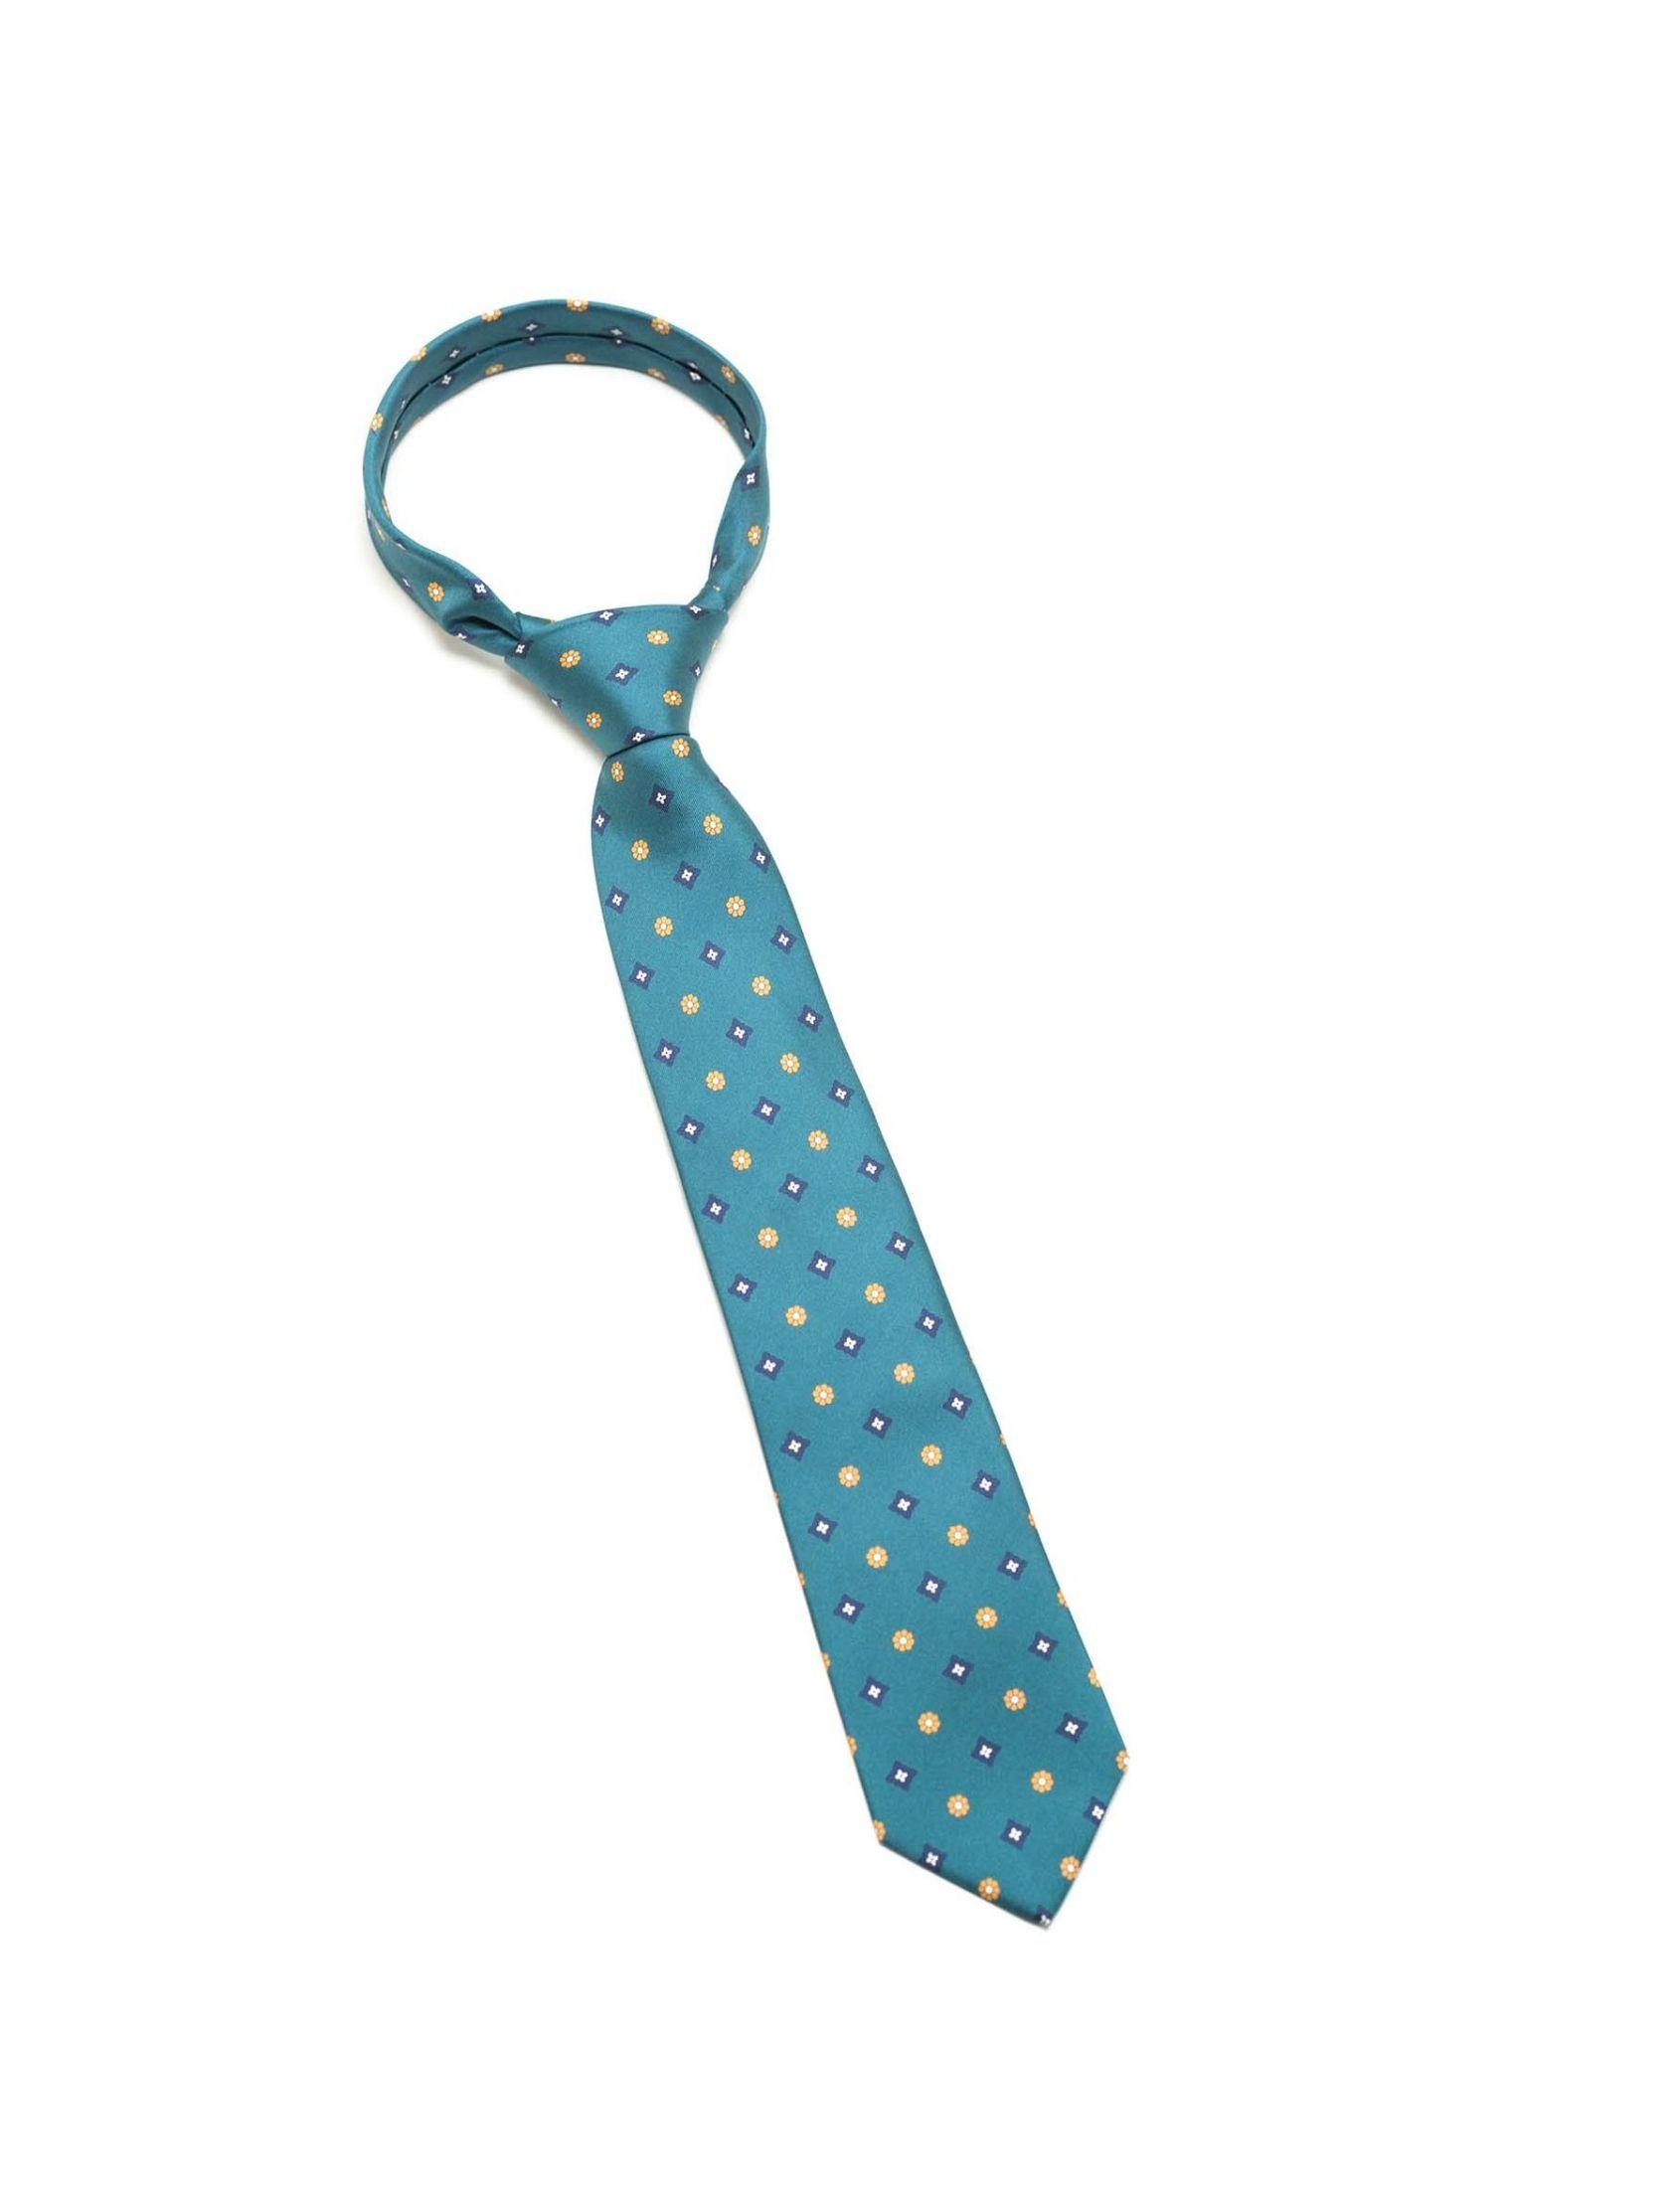 Corbata hombre con estampado mini multicolor . Fabricada en seda natural